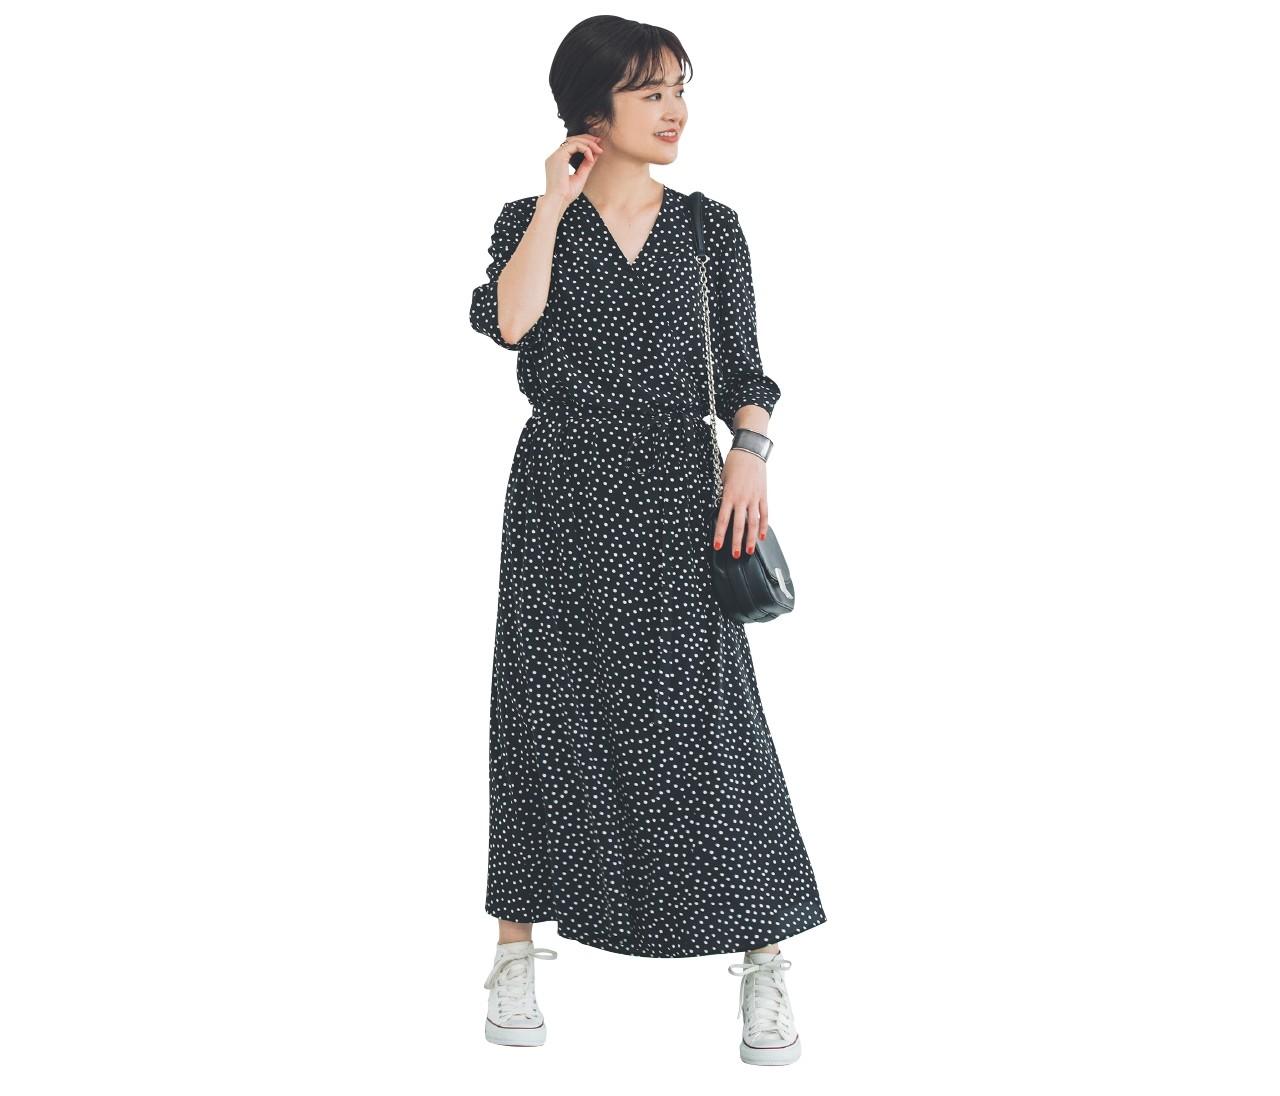 【30代女子の夏ファッションQ&A】夏でも暑苦しくない「黒コーデ」とは?